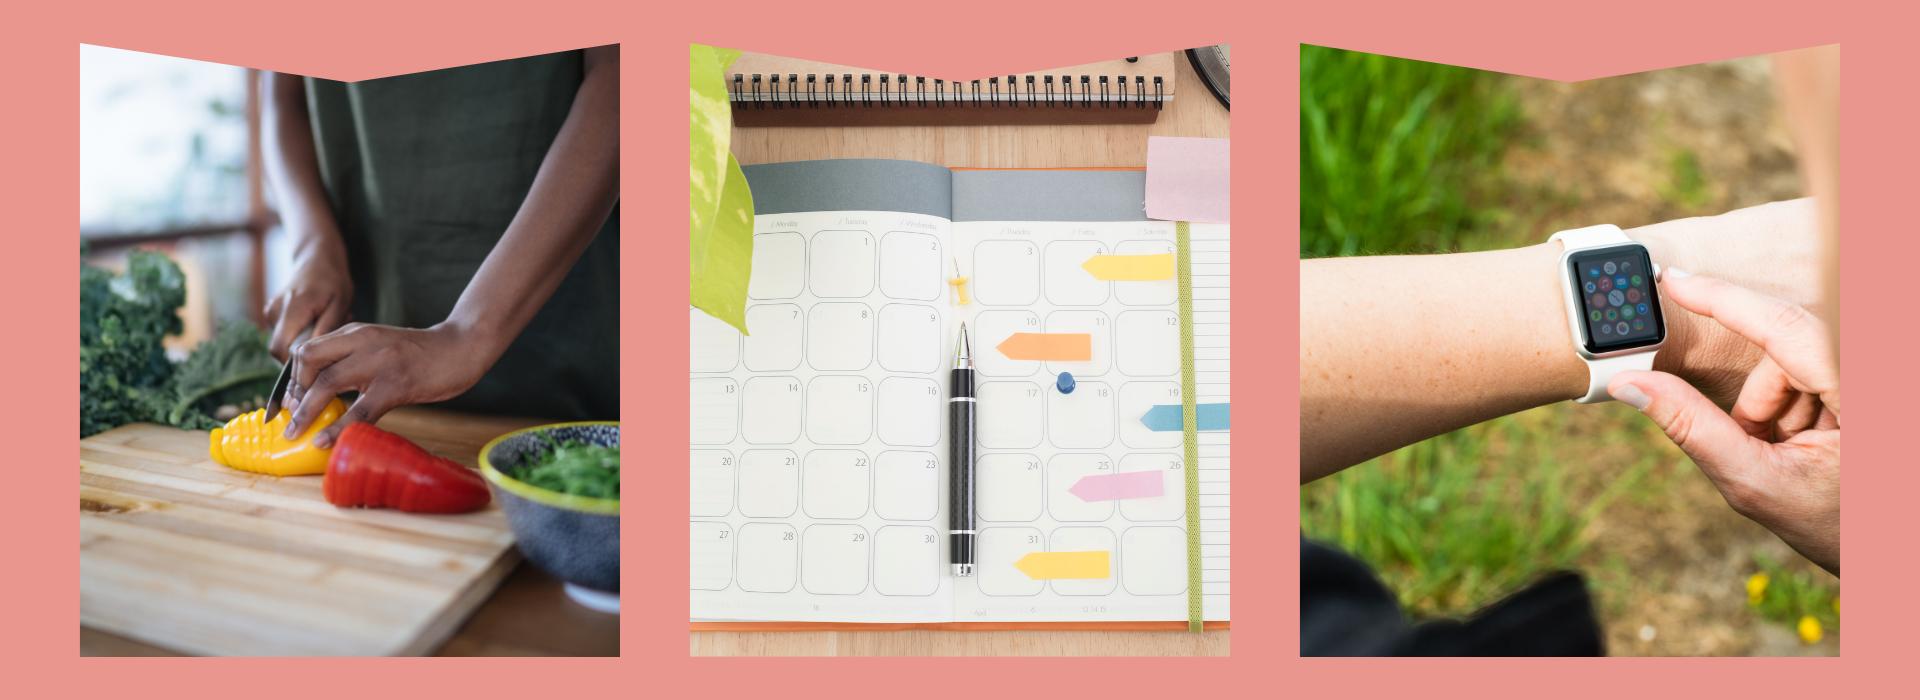 Cutting peppers, Daily Planner/Calendar, Smart watch